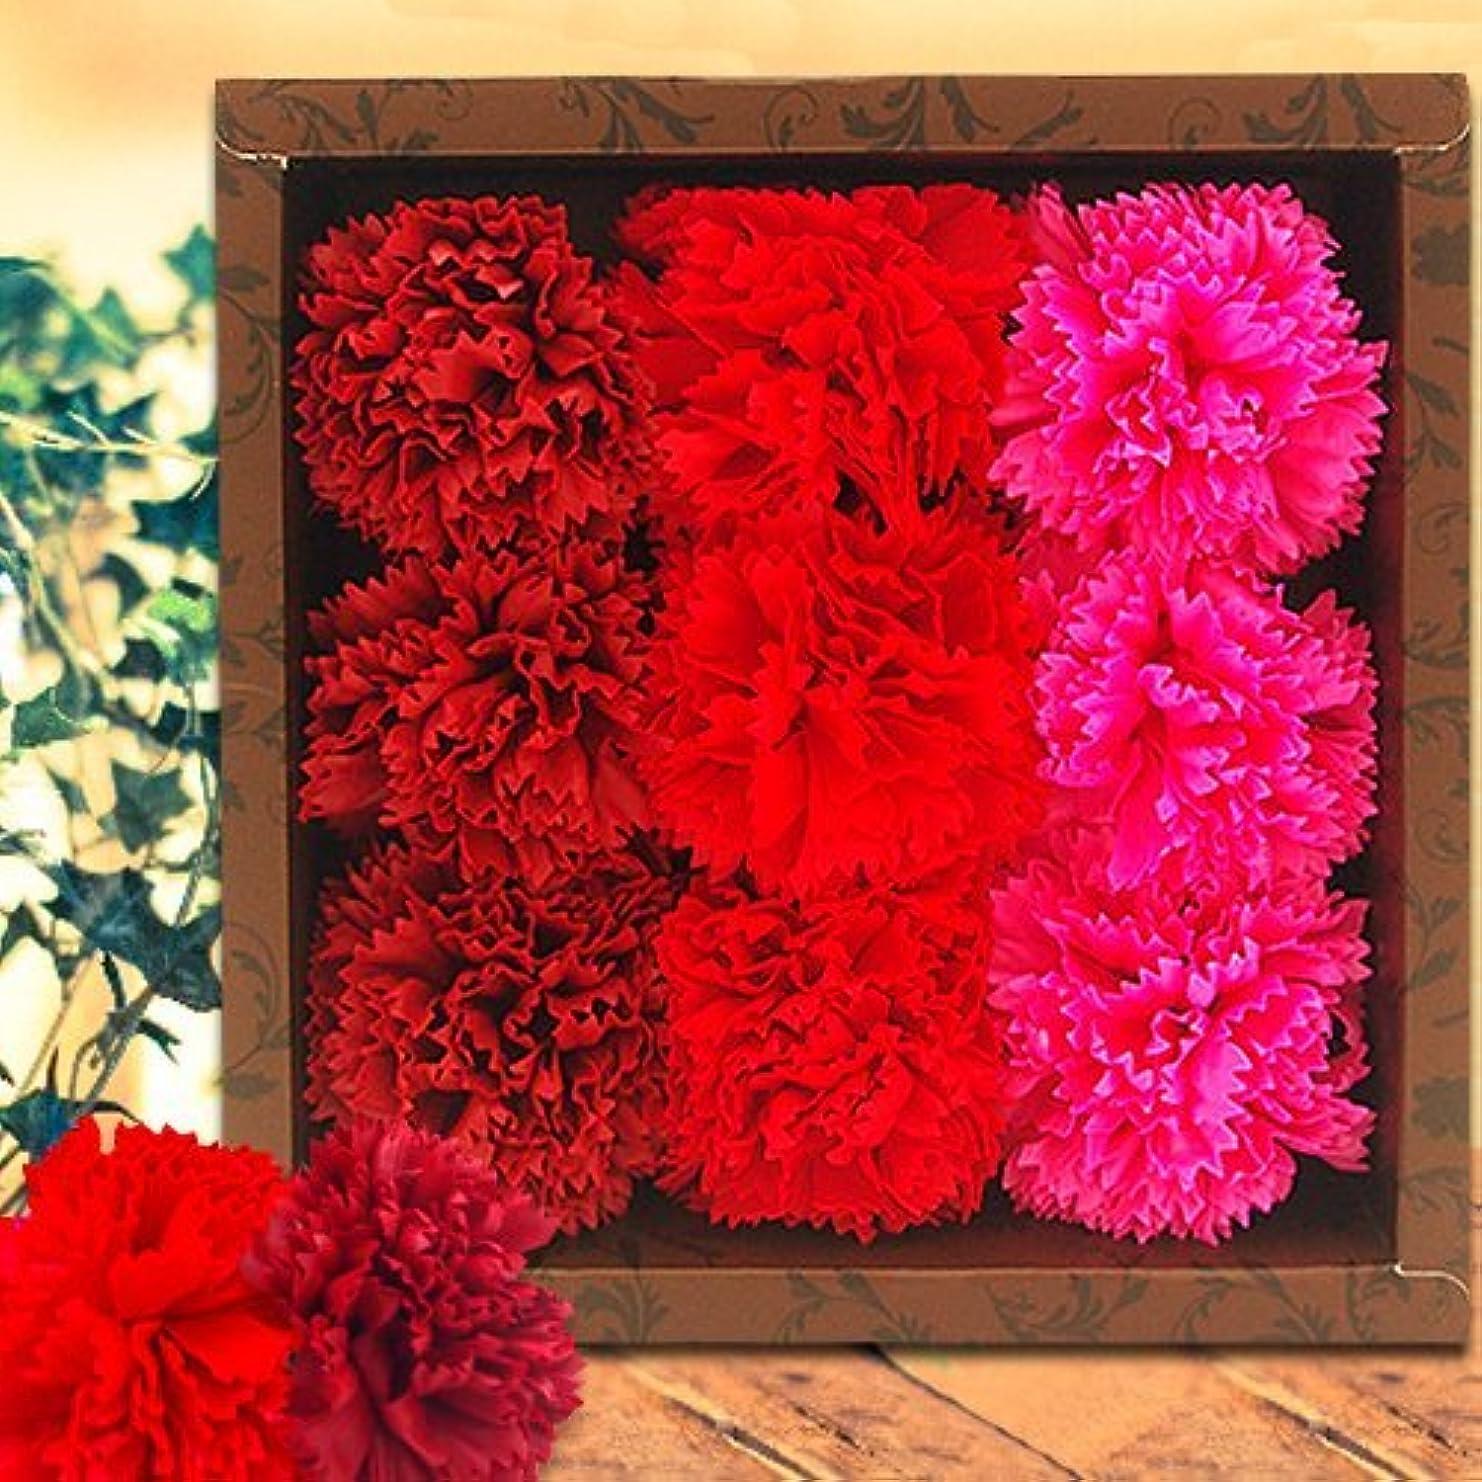 財産耐えられない制限されたフラワーフレグランス(Carnation/Red)